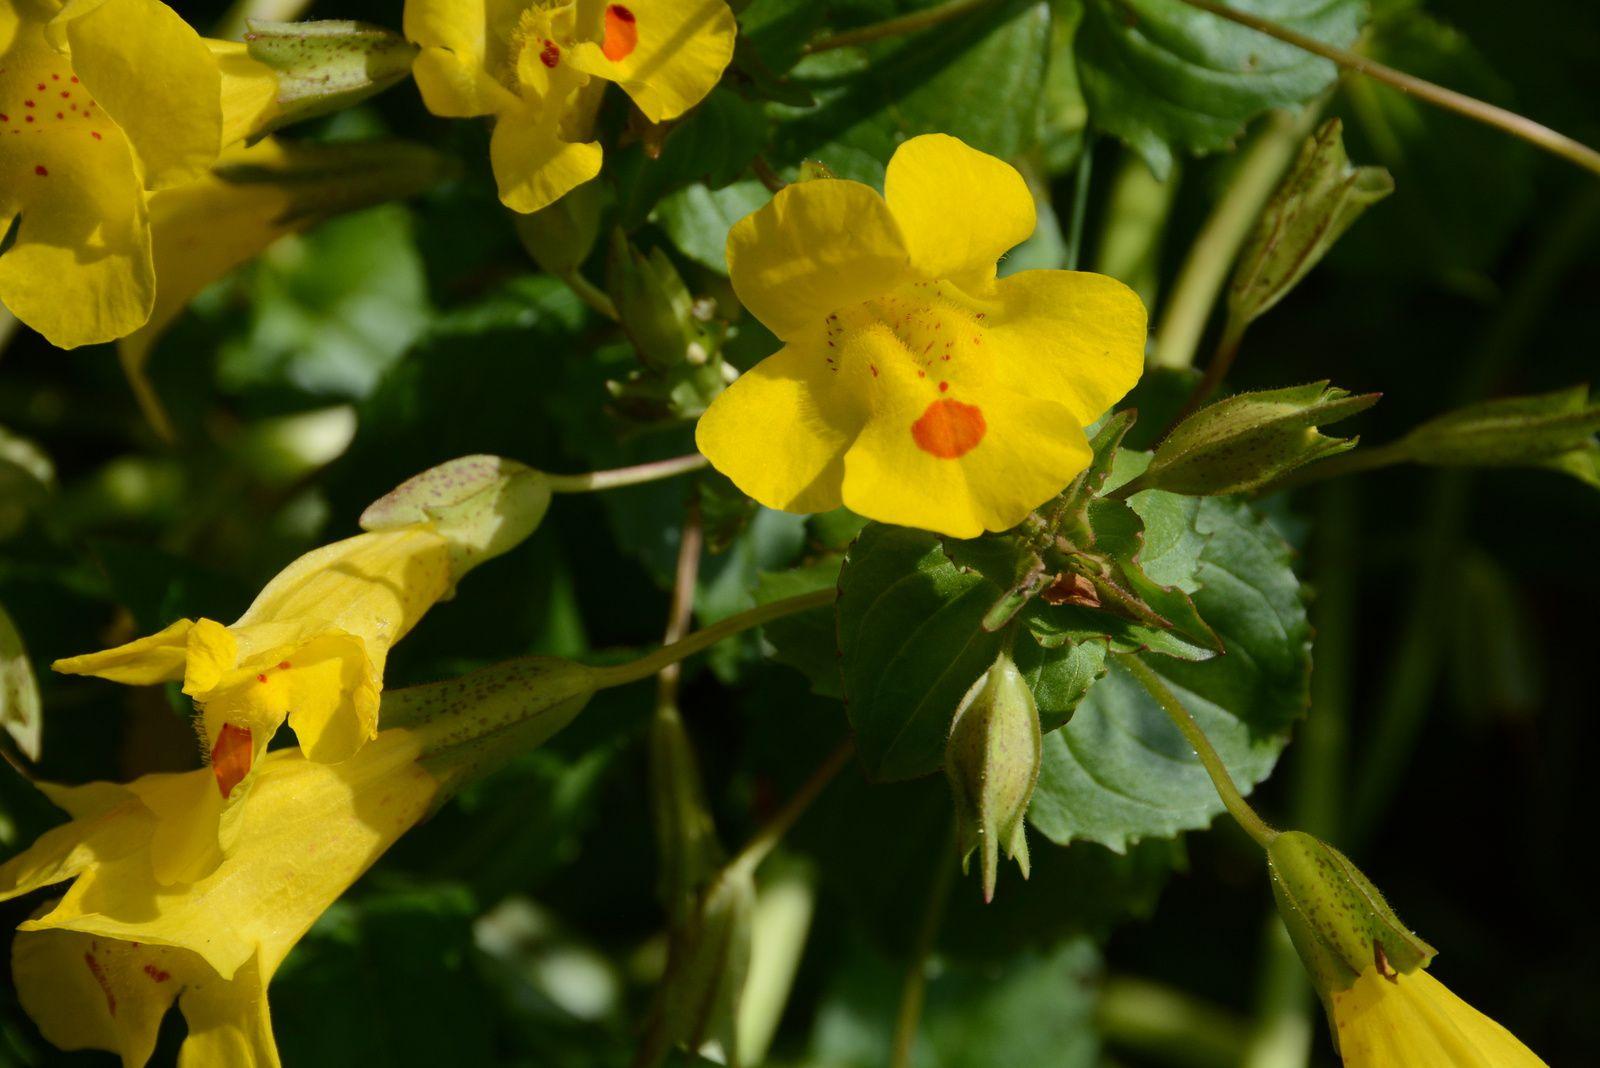 la fleur de Martin du 13 juin trouvée par Martine Ob_5e3fcf_10-mimulus-guttatus-0005-la-fromagerie